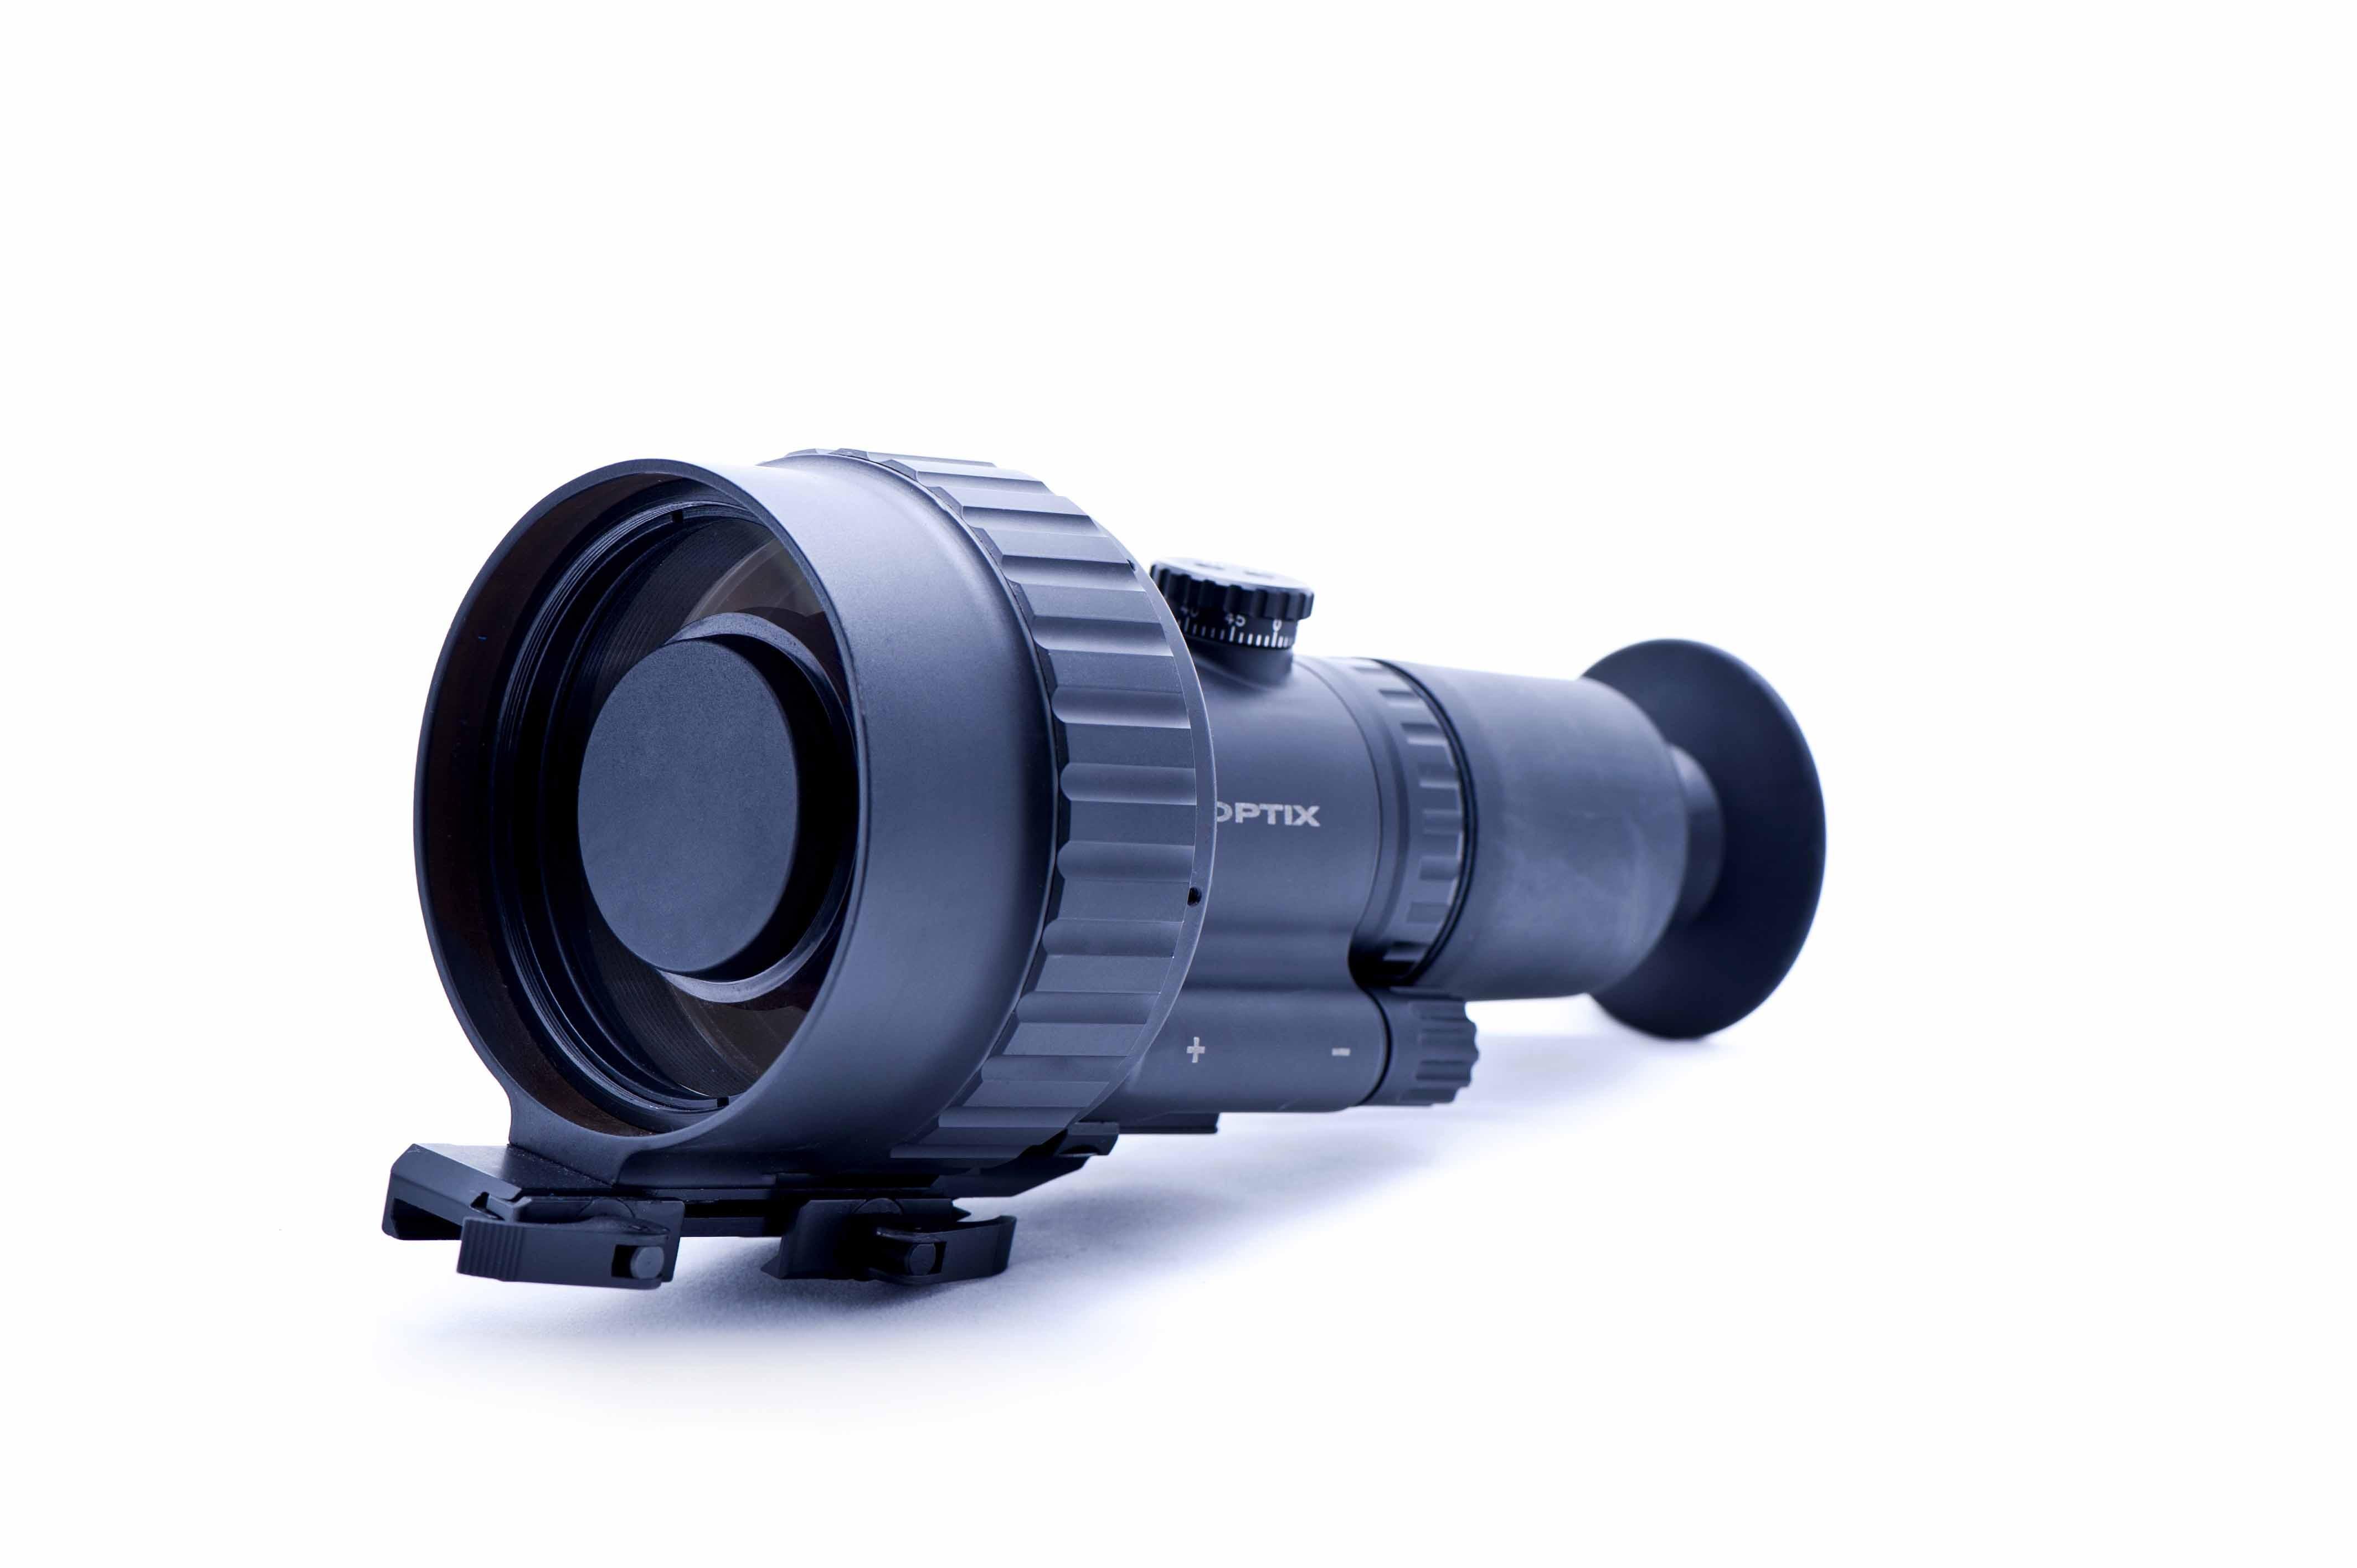 Zielfernrohr Mit Entfernungsmesser : Optix ons 4v nachtsicht zielfernrohr